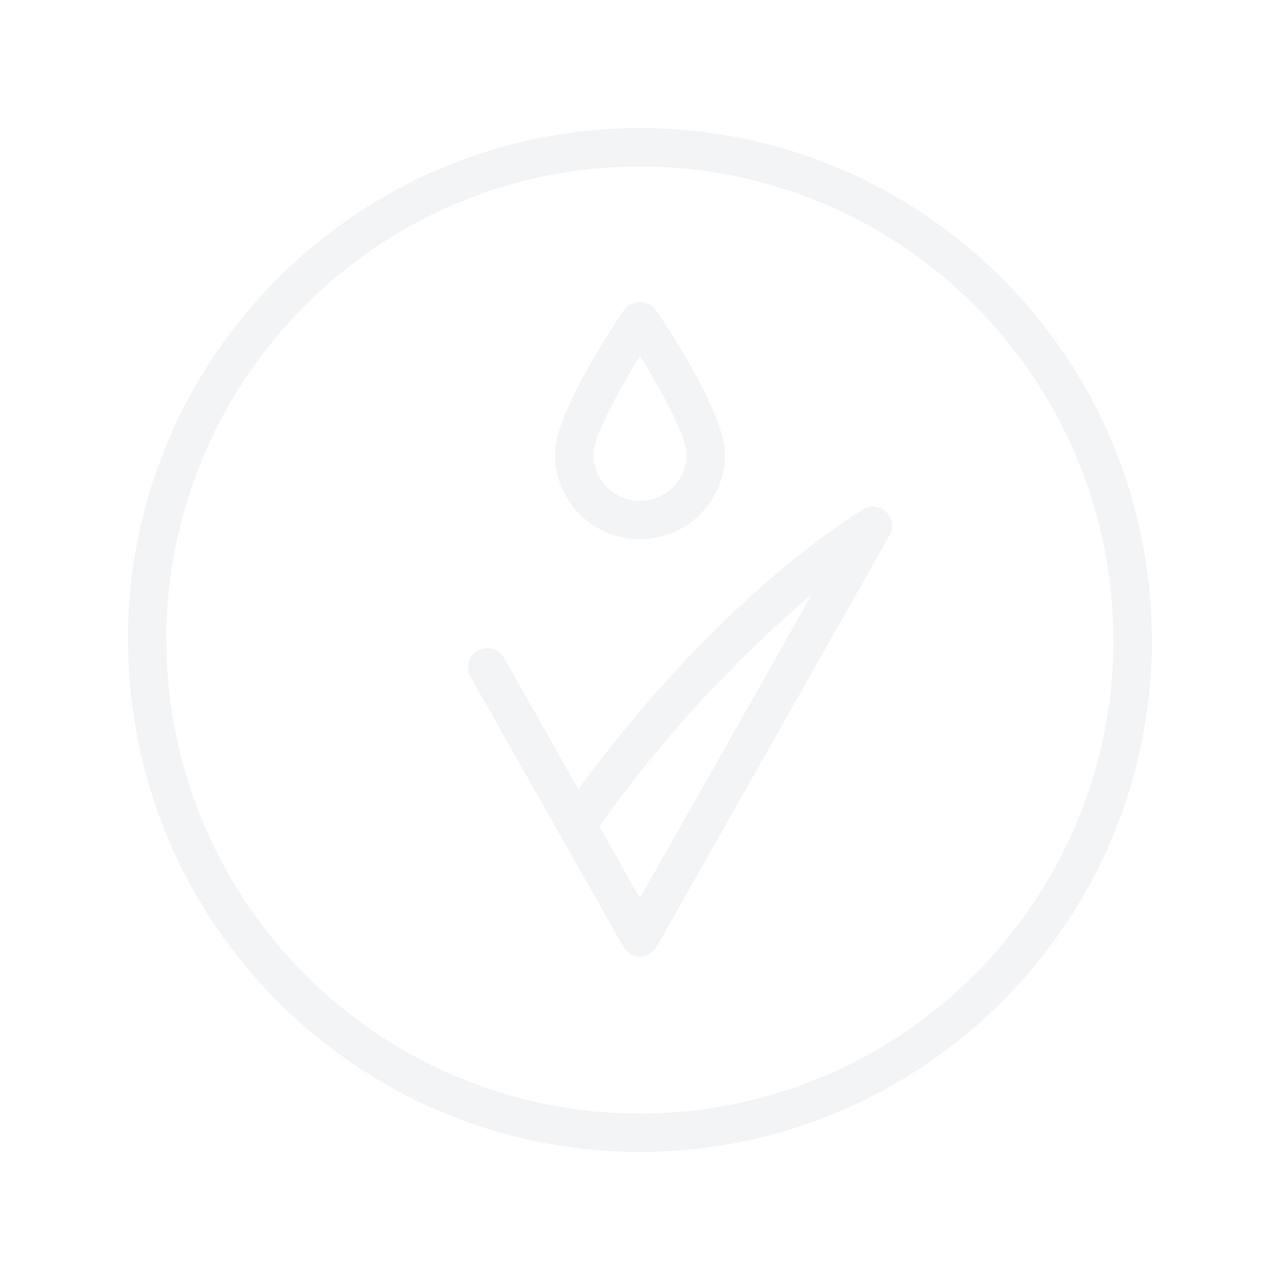 MACADAMIA Professional Curl Enhancing Spray спрей для улучшения формы локонов 236ml